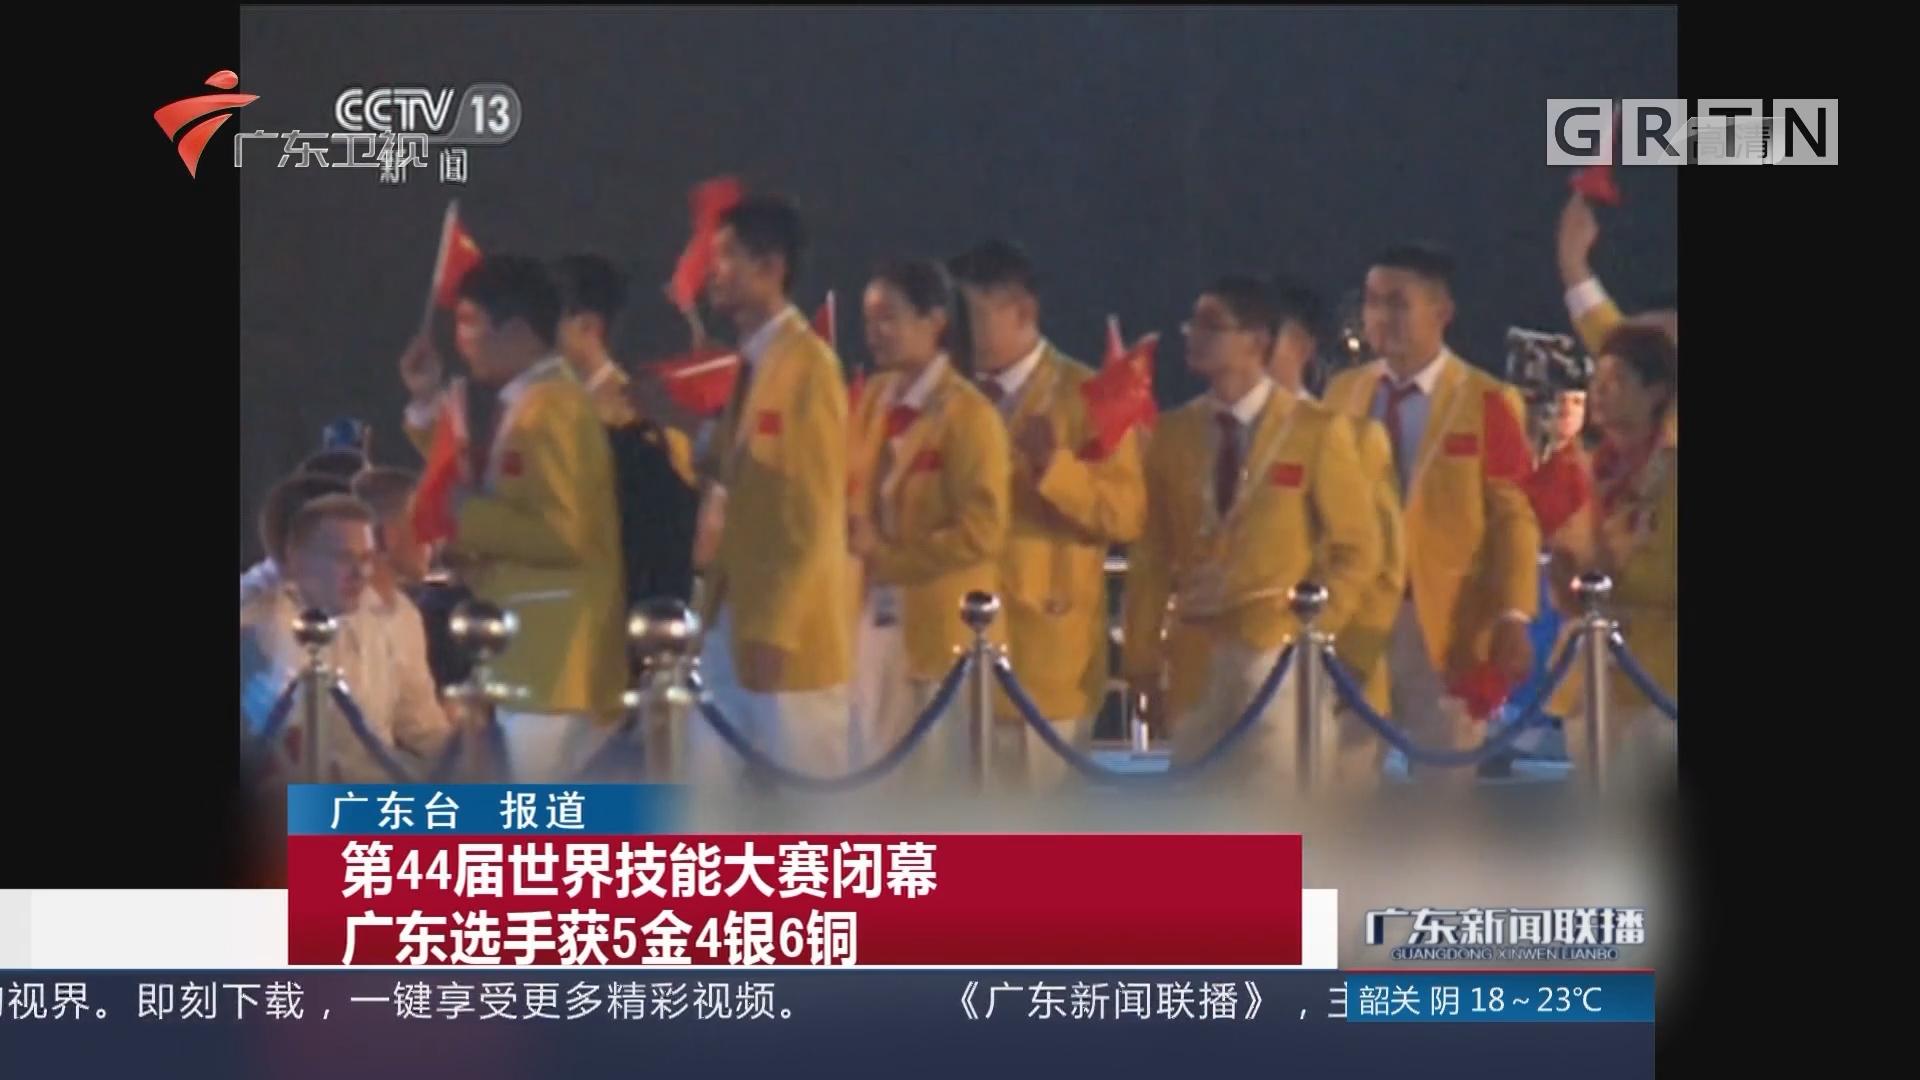 第44届世界技能大赛闭幕 广东选手获5金4银6铜